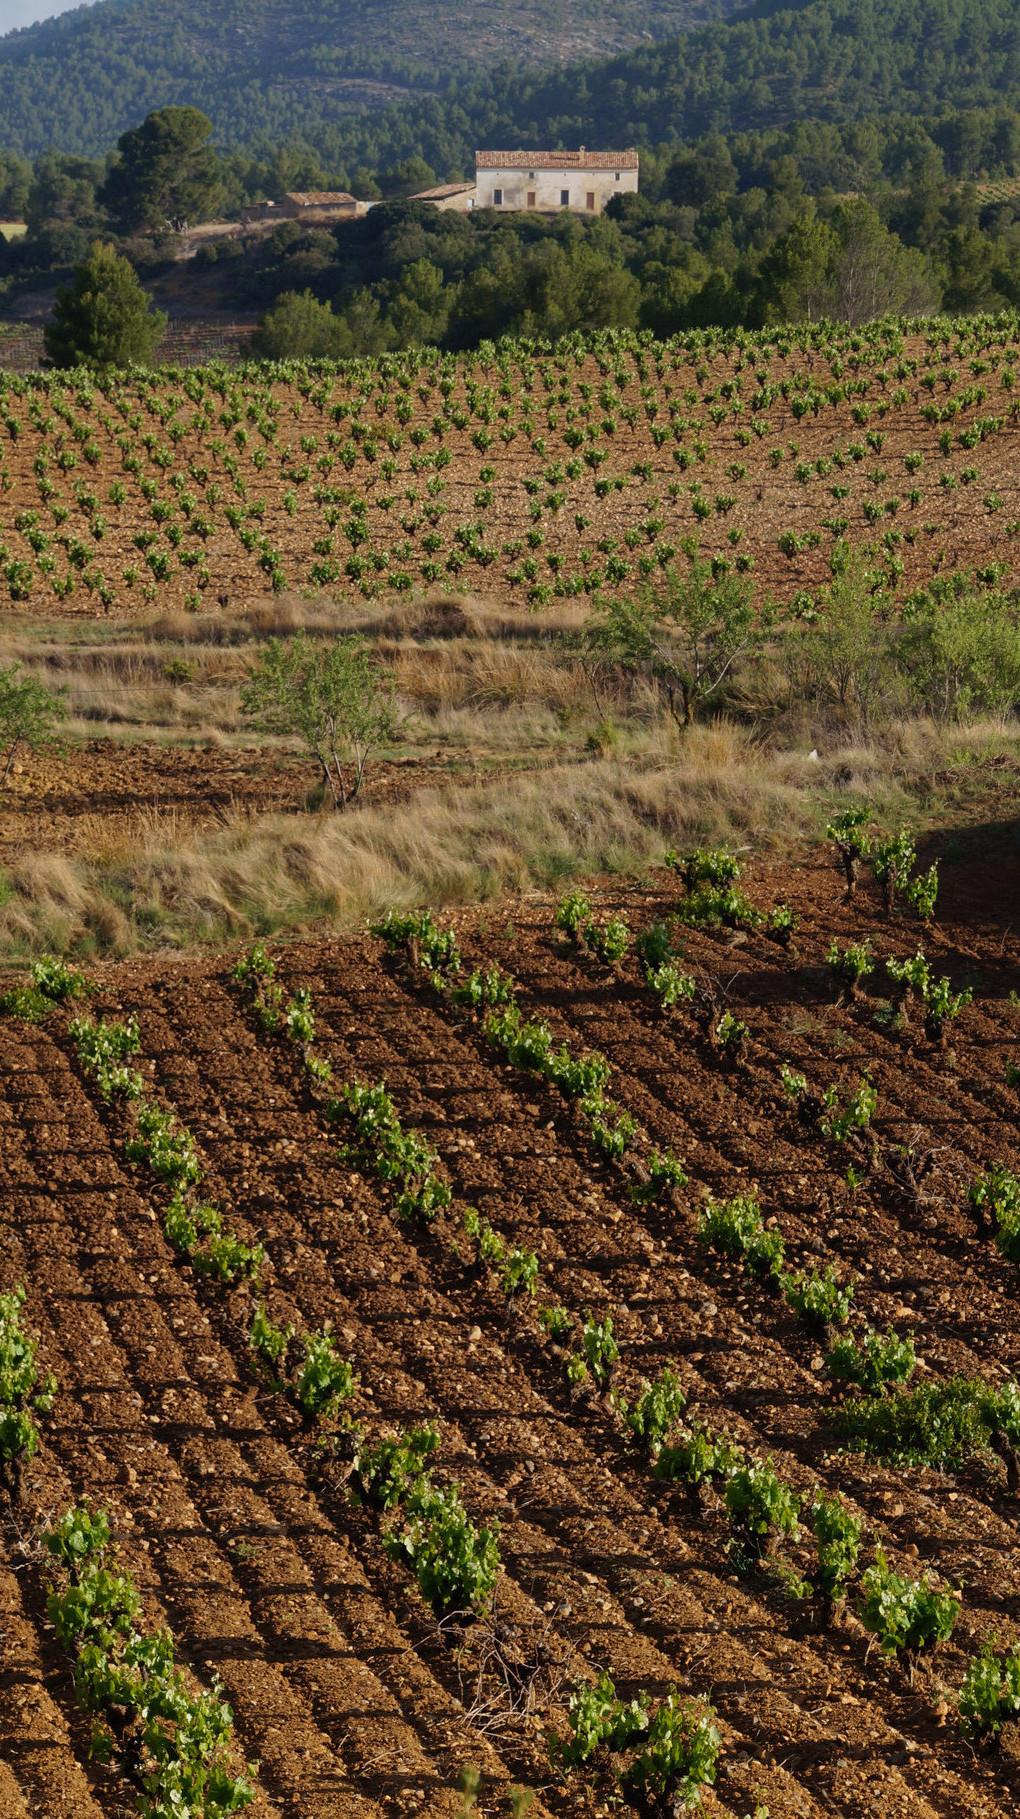 <B>Der Weinbau ist von großer Bedeutung für die spanische Wirtschaft, denn das Land hat die größte Rebanbaufläche der Welt.</B>